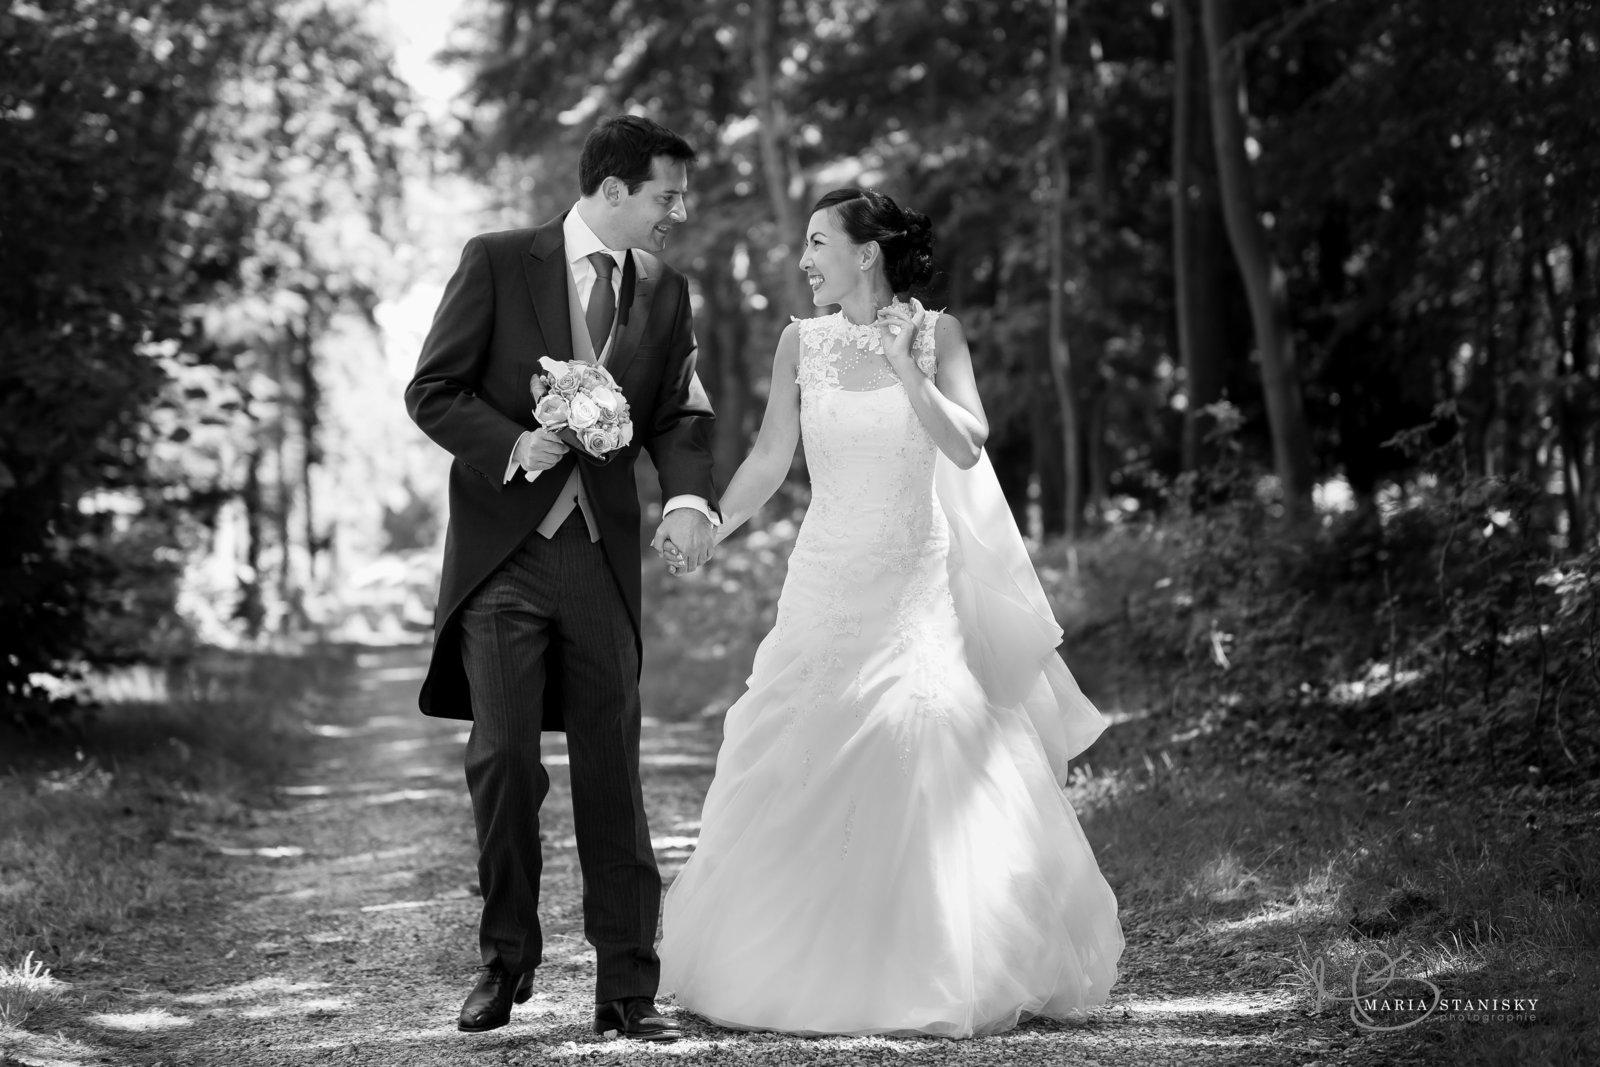 Mariage-Nathalie-&-Vincent210614048